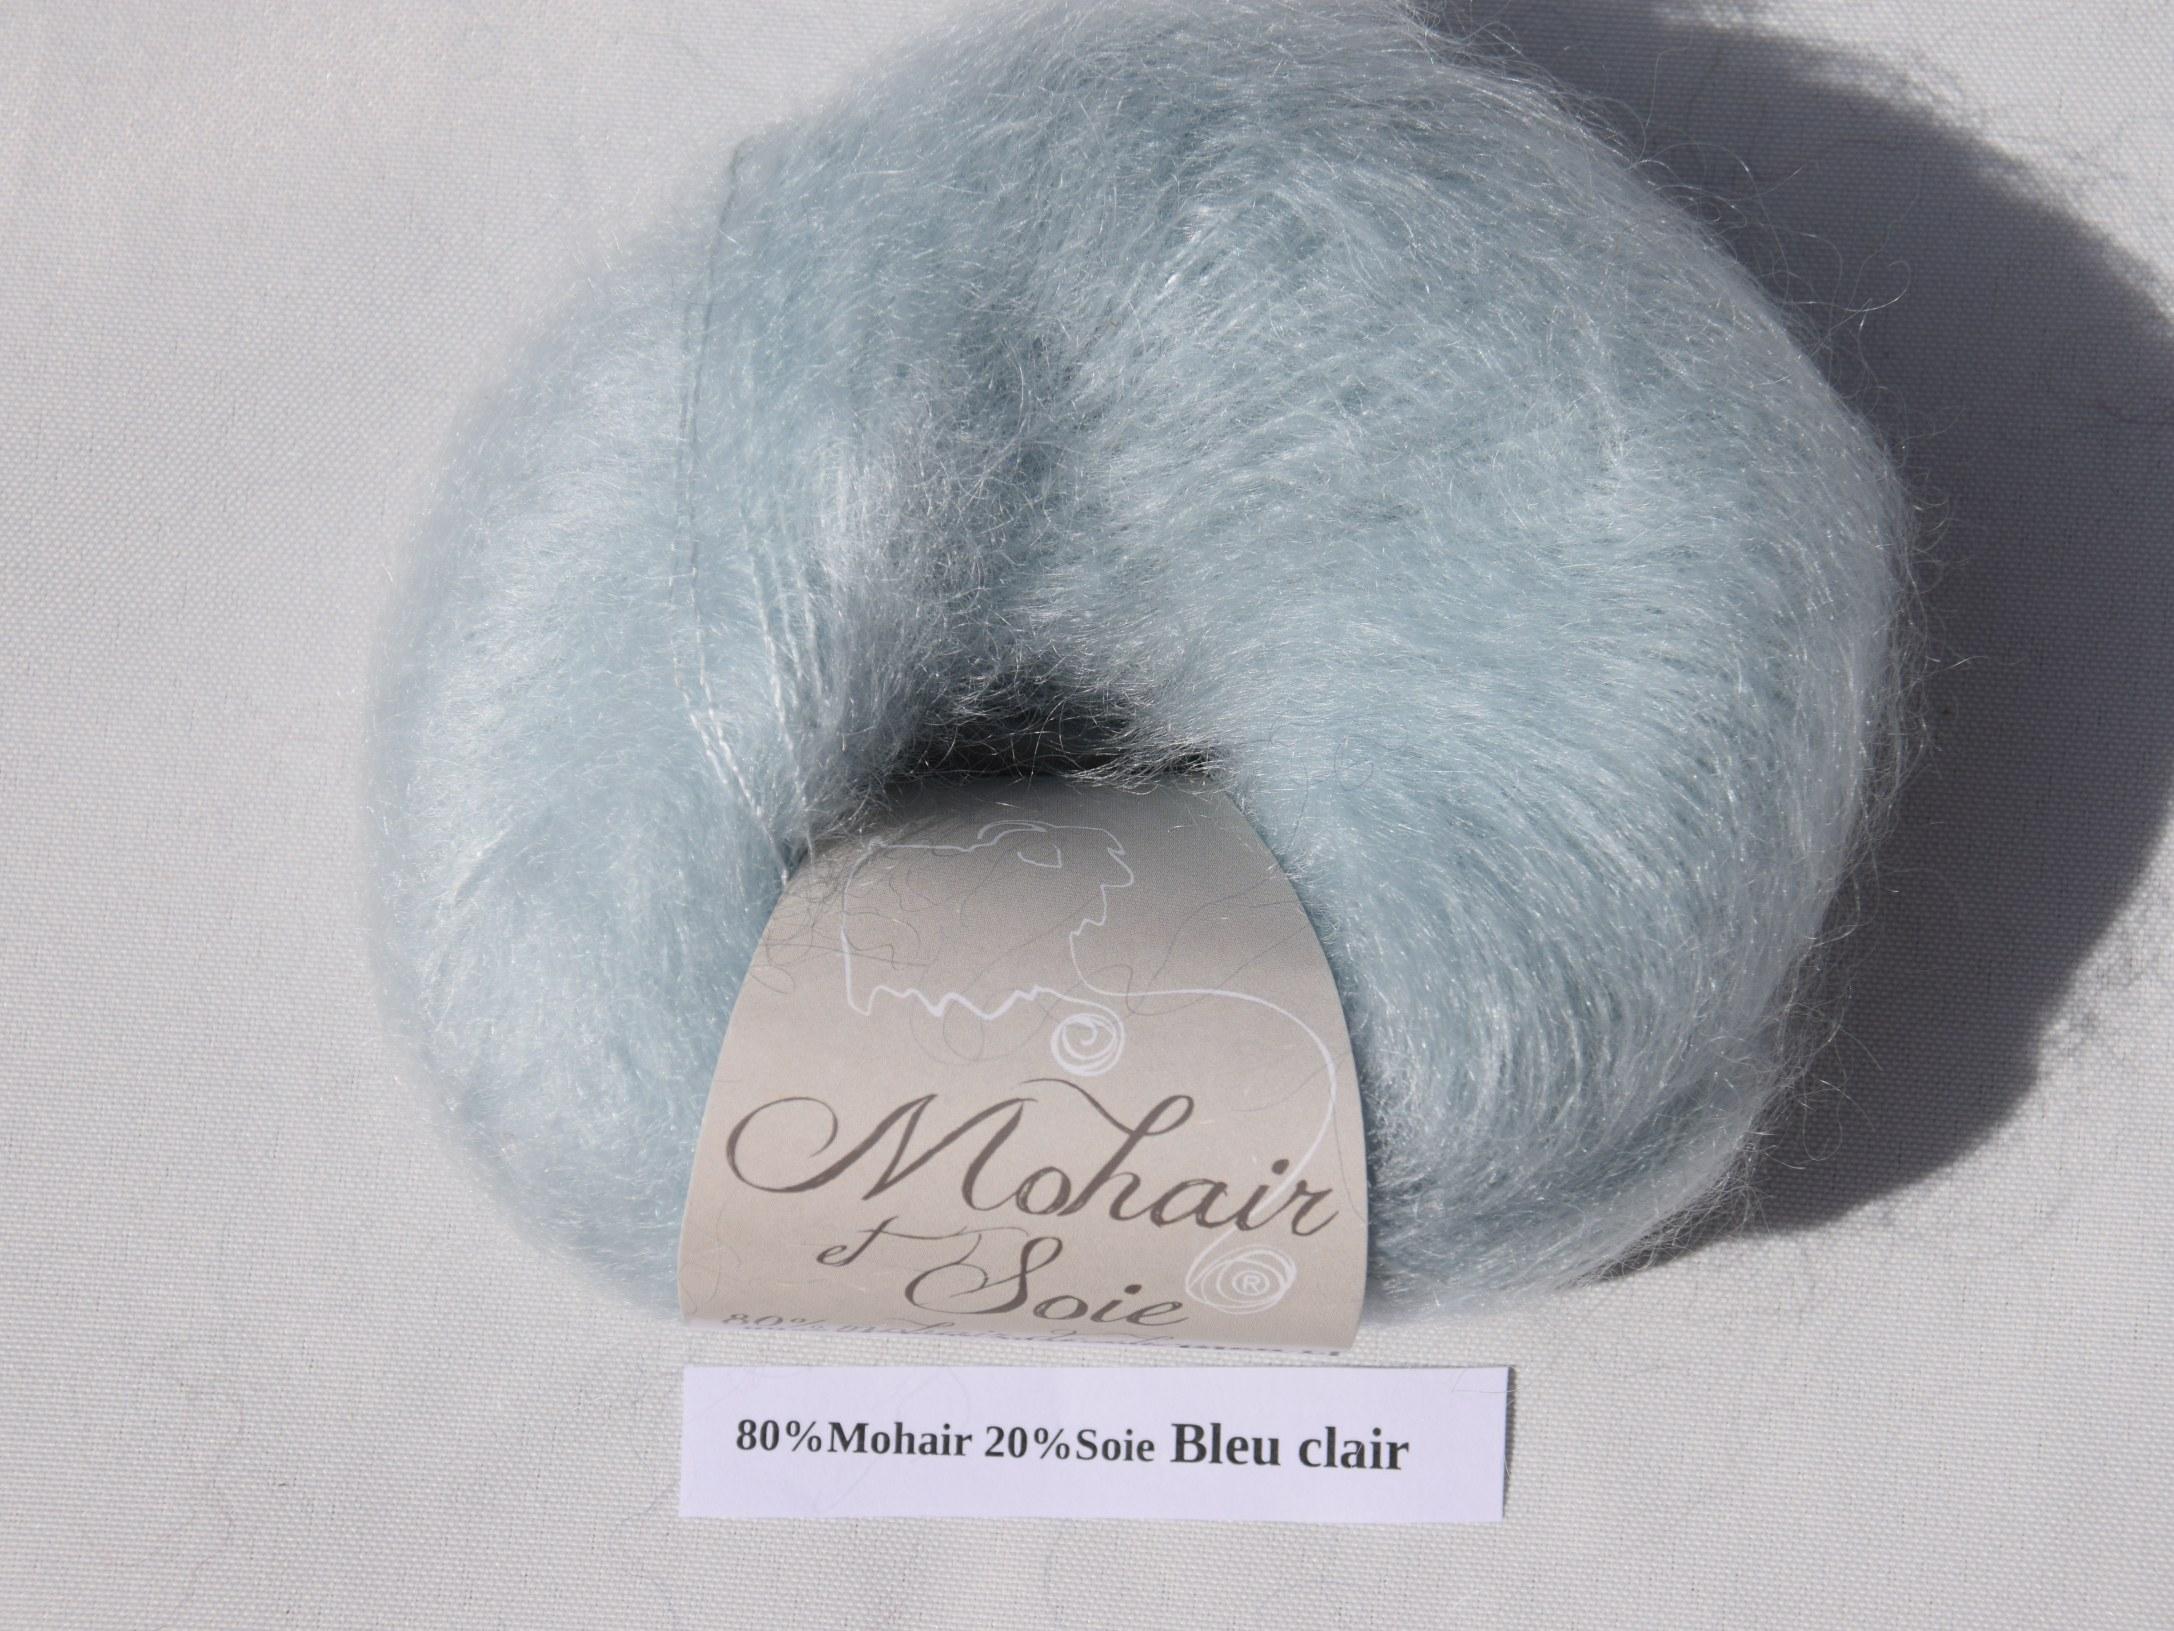 Mohair et Soie Bleu Clair du Mohair du pays de Chambord